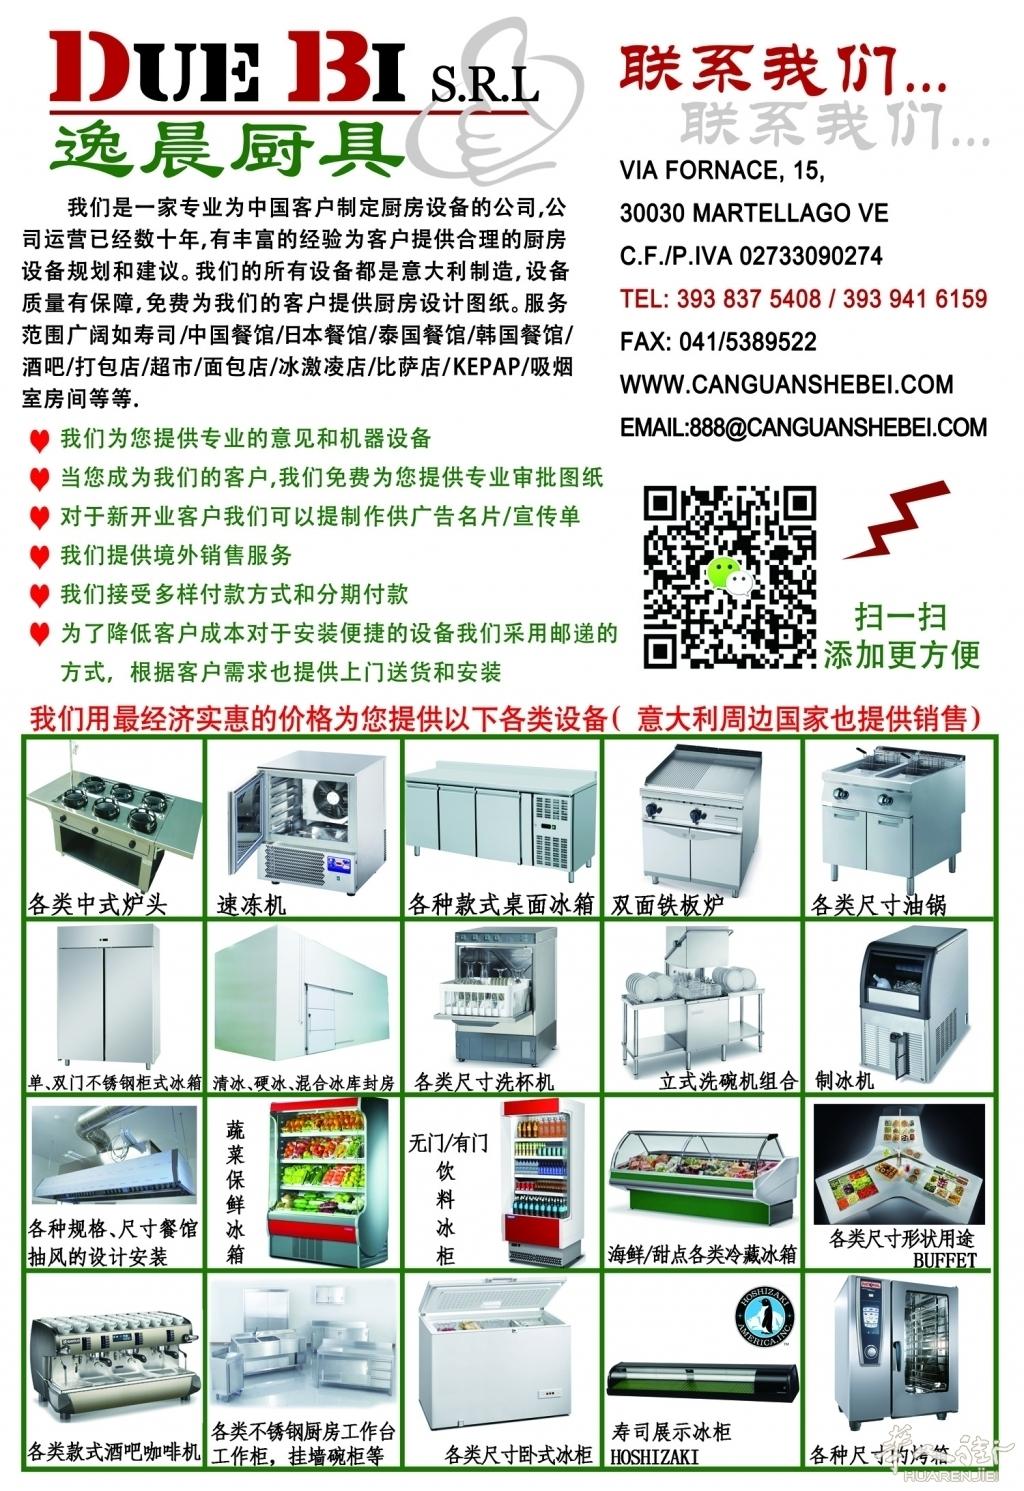 出售厨房设备 中文服务  机器意大利制作  免增值税